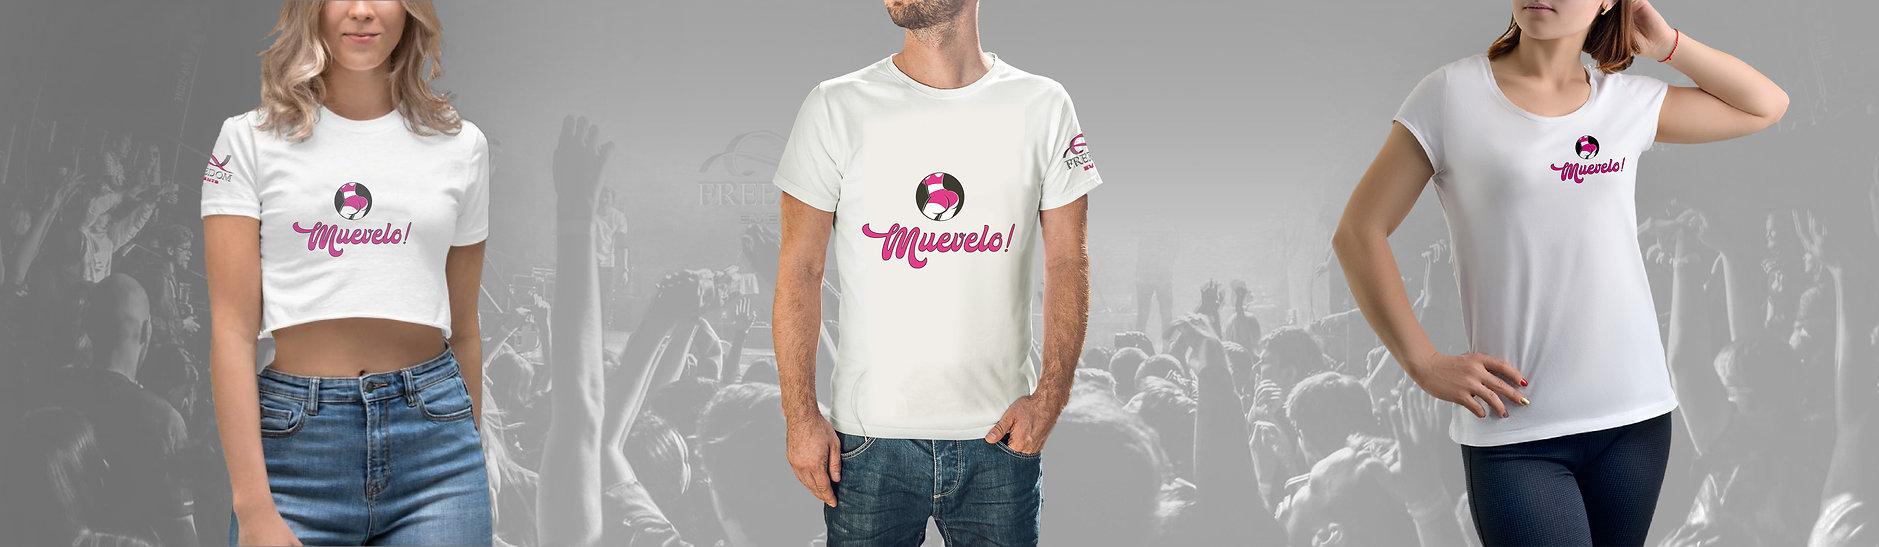 Tshirt-Mockup-muevelo.jpg